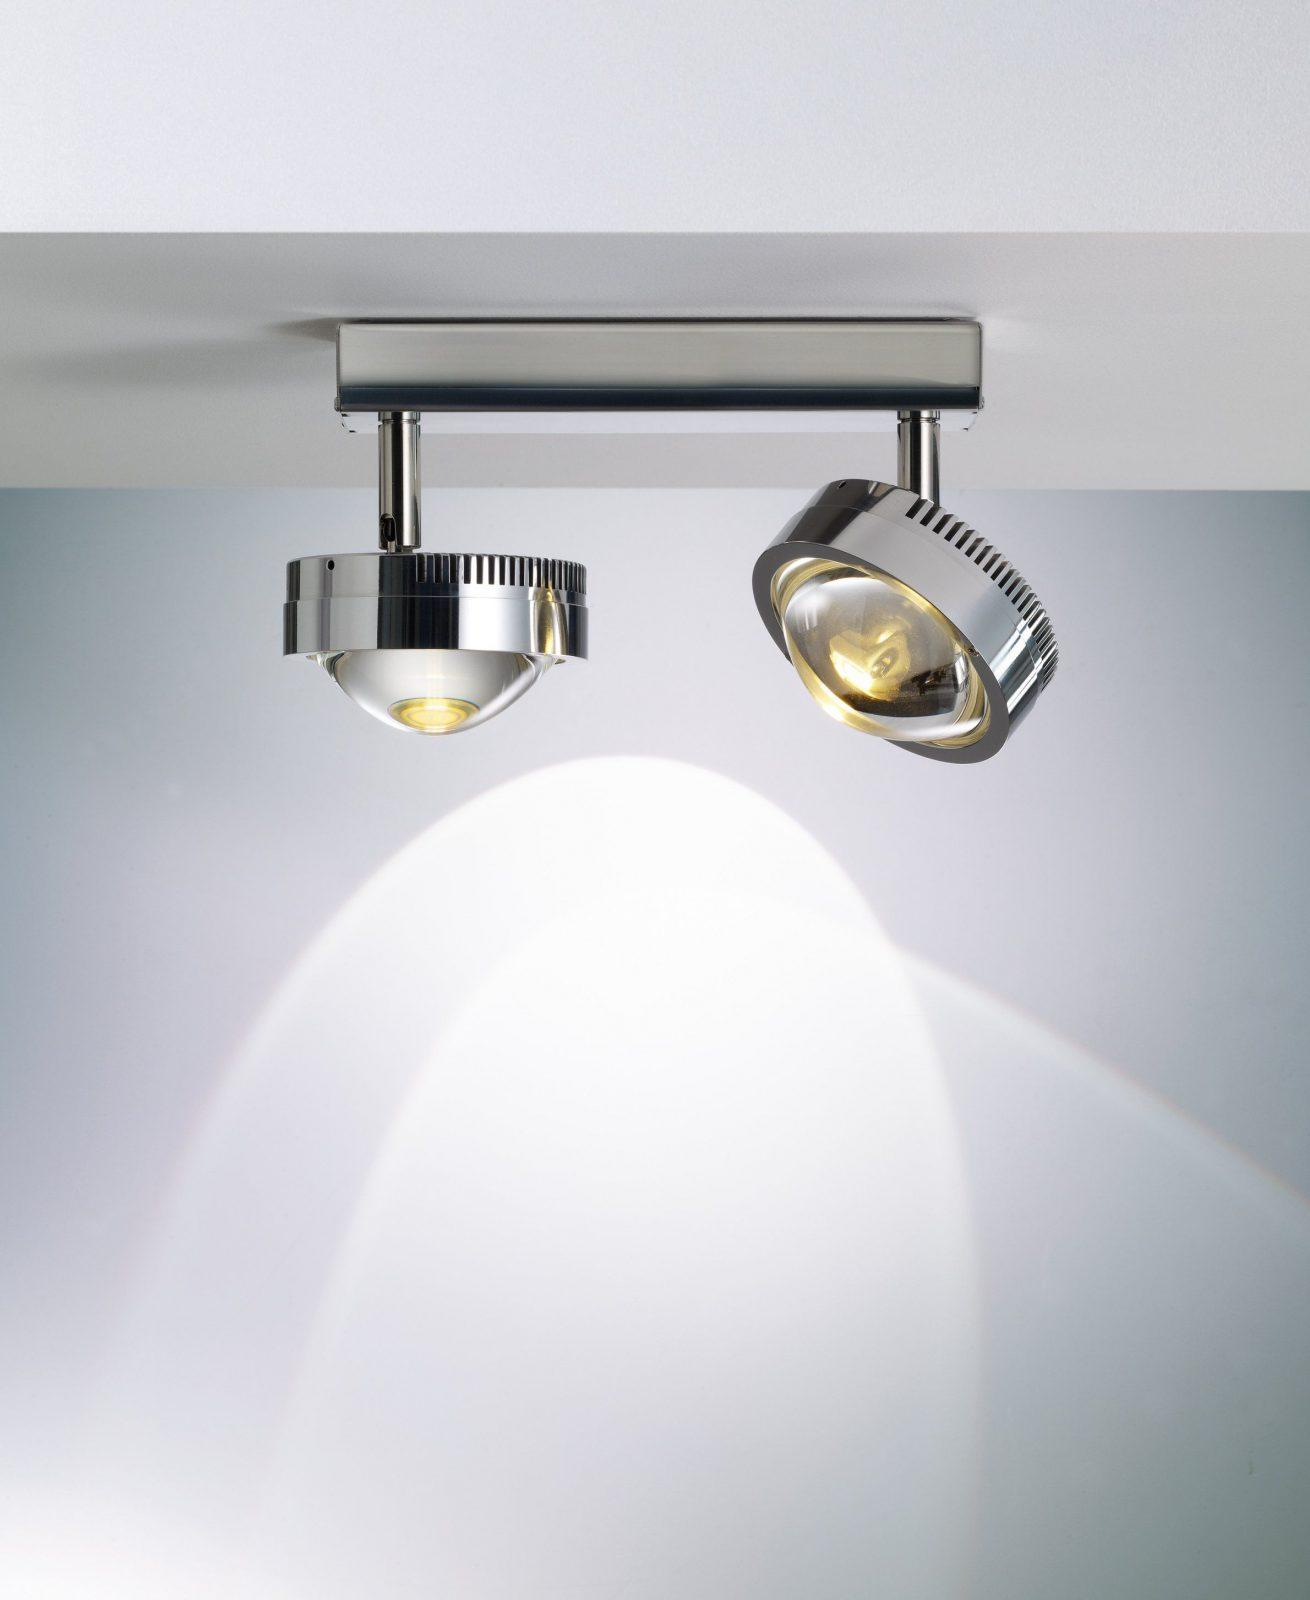 Licht Im Raum Ocular Spot 2 Serie 100  Licht Im Raum Ocular Spot 2 von Licht Im Raum Ocular Bild